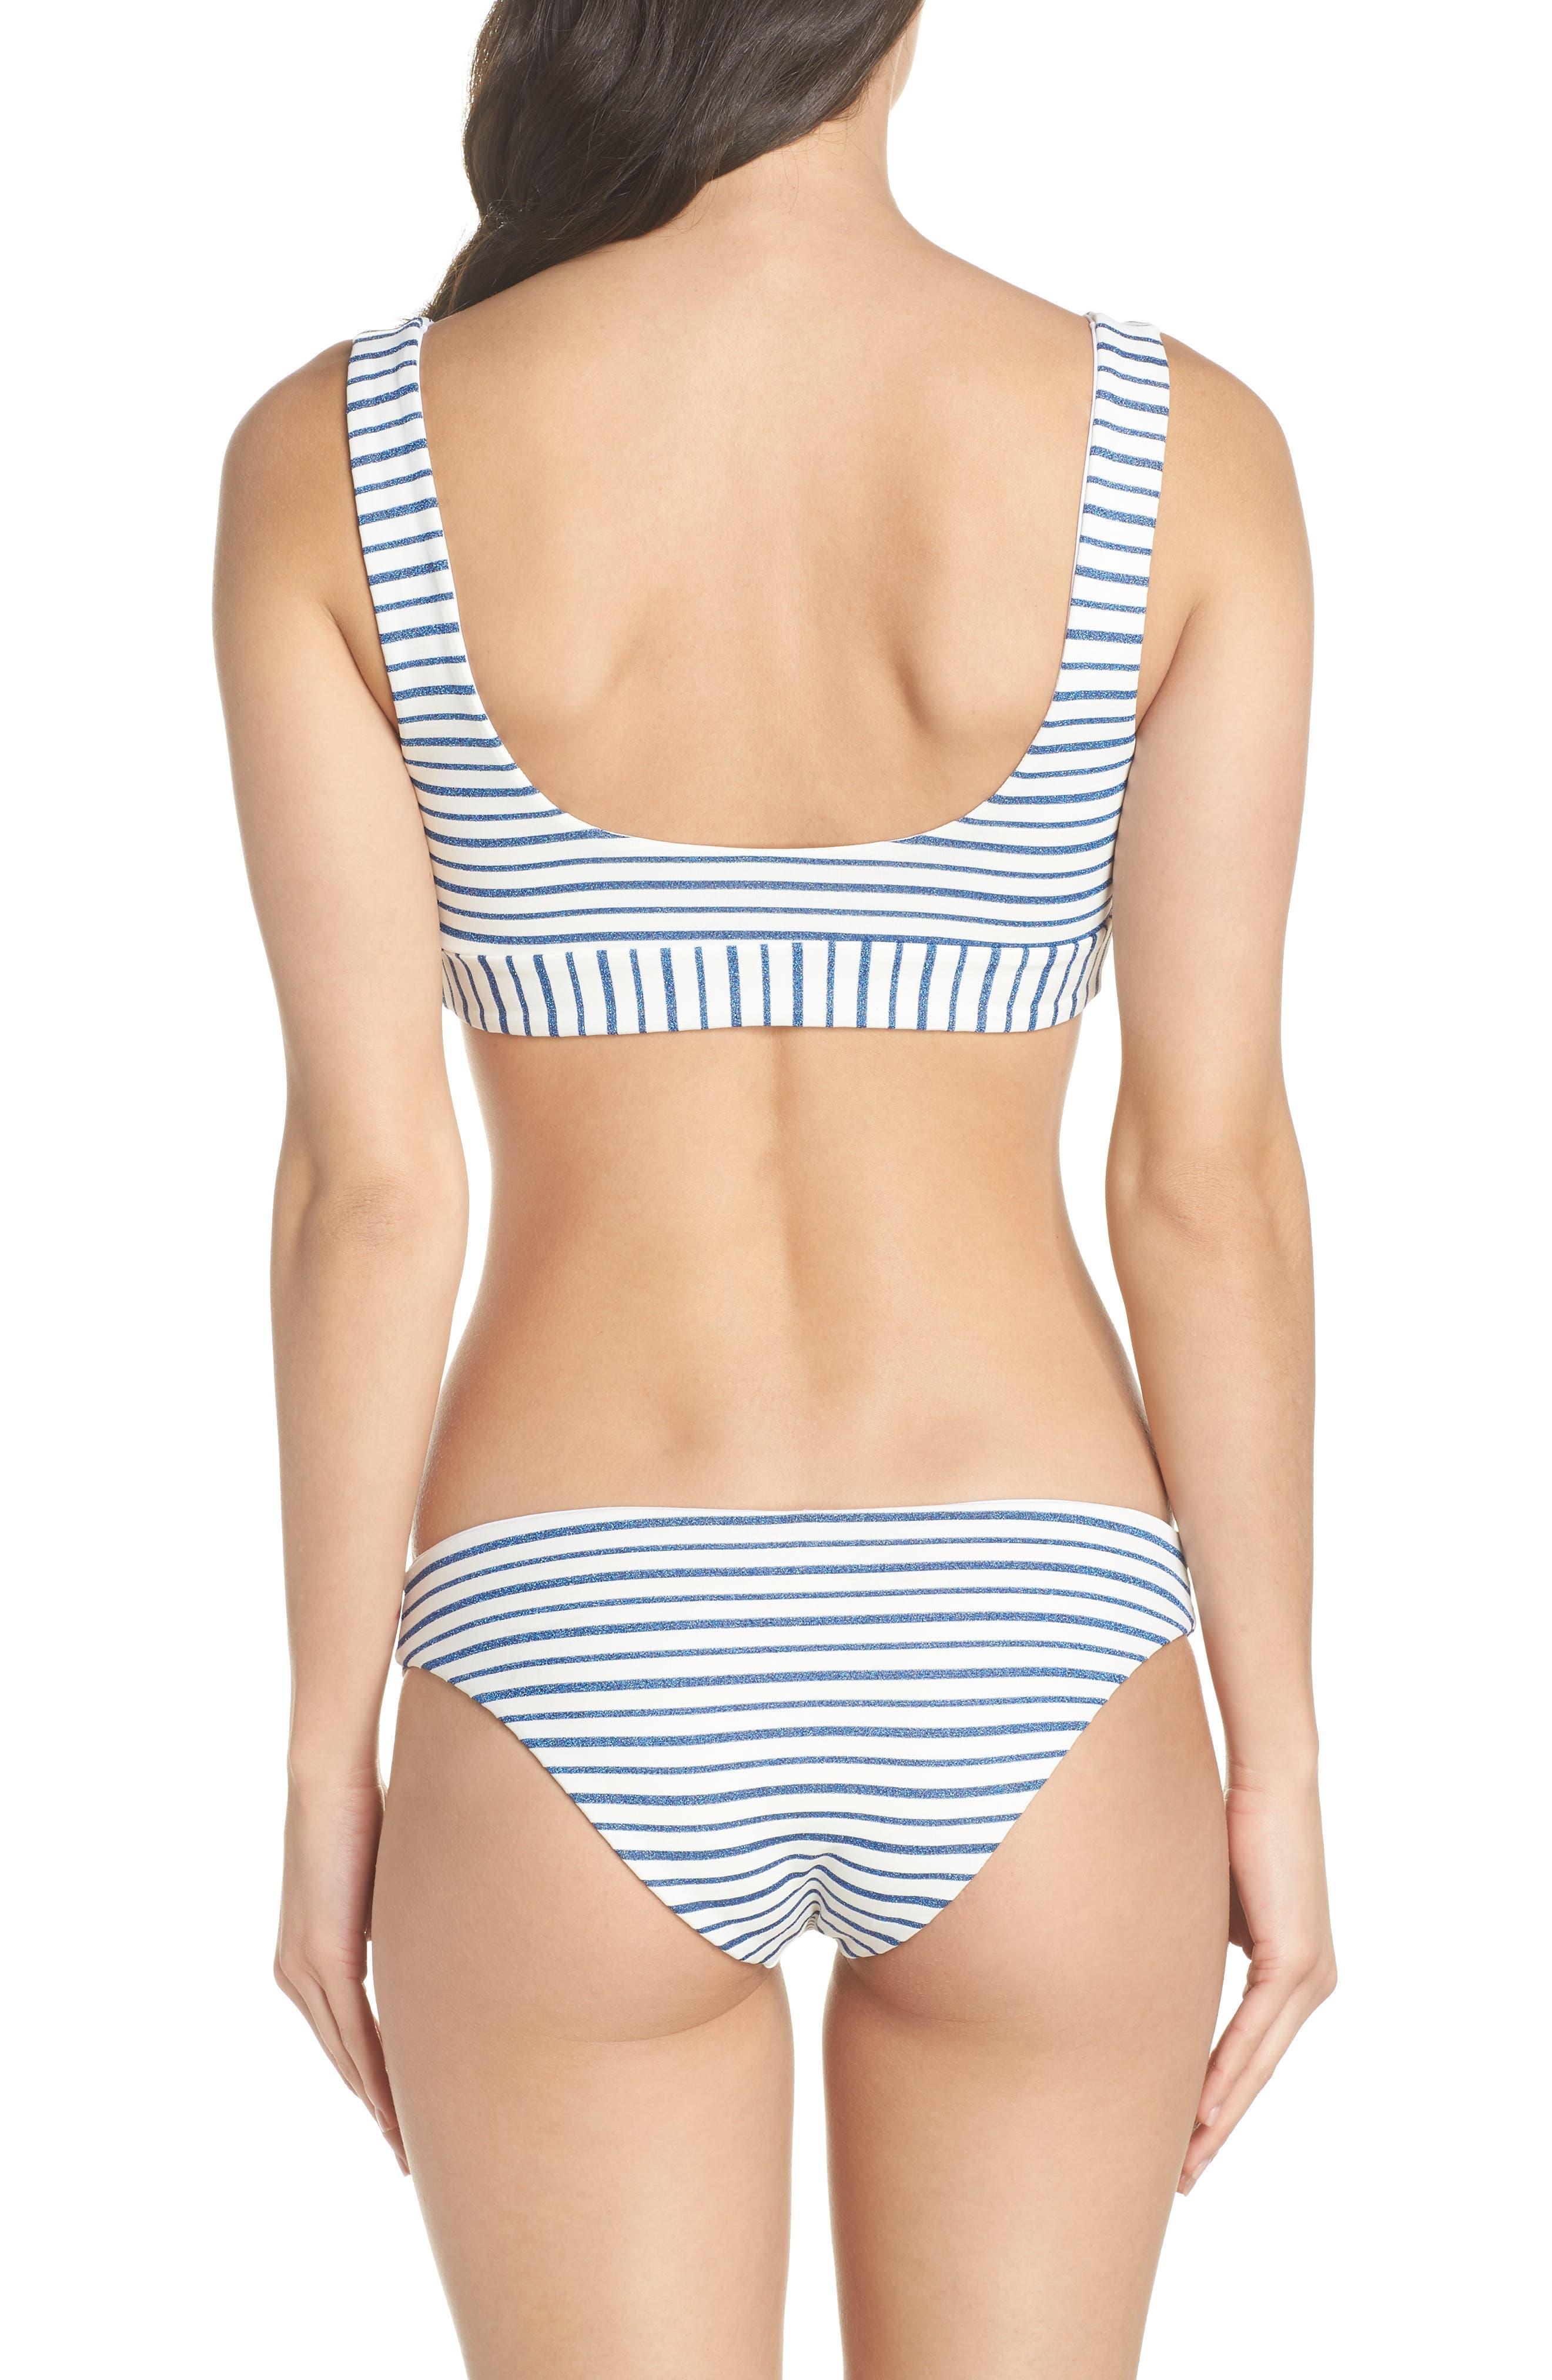 Miller Scoop Bikini Top,                             Alternate thumbnail 8, color,                             ROYAL